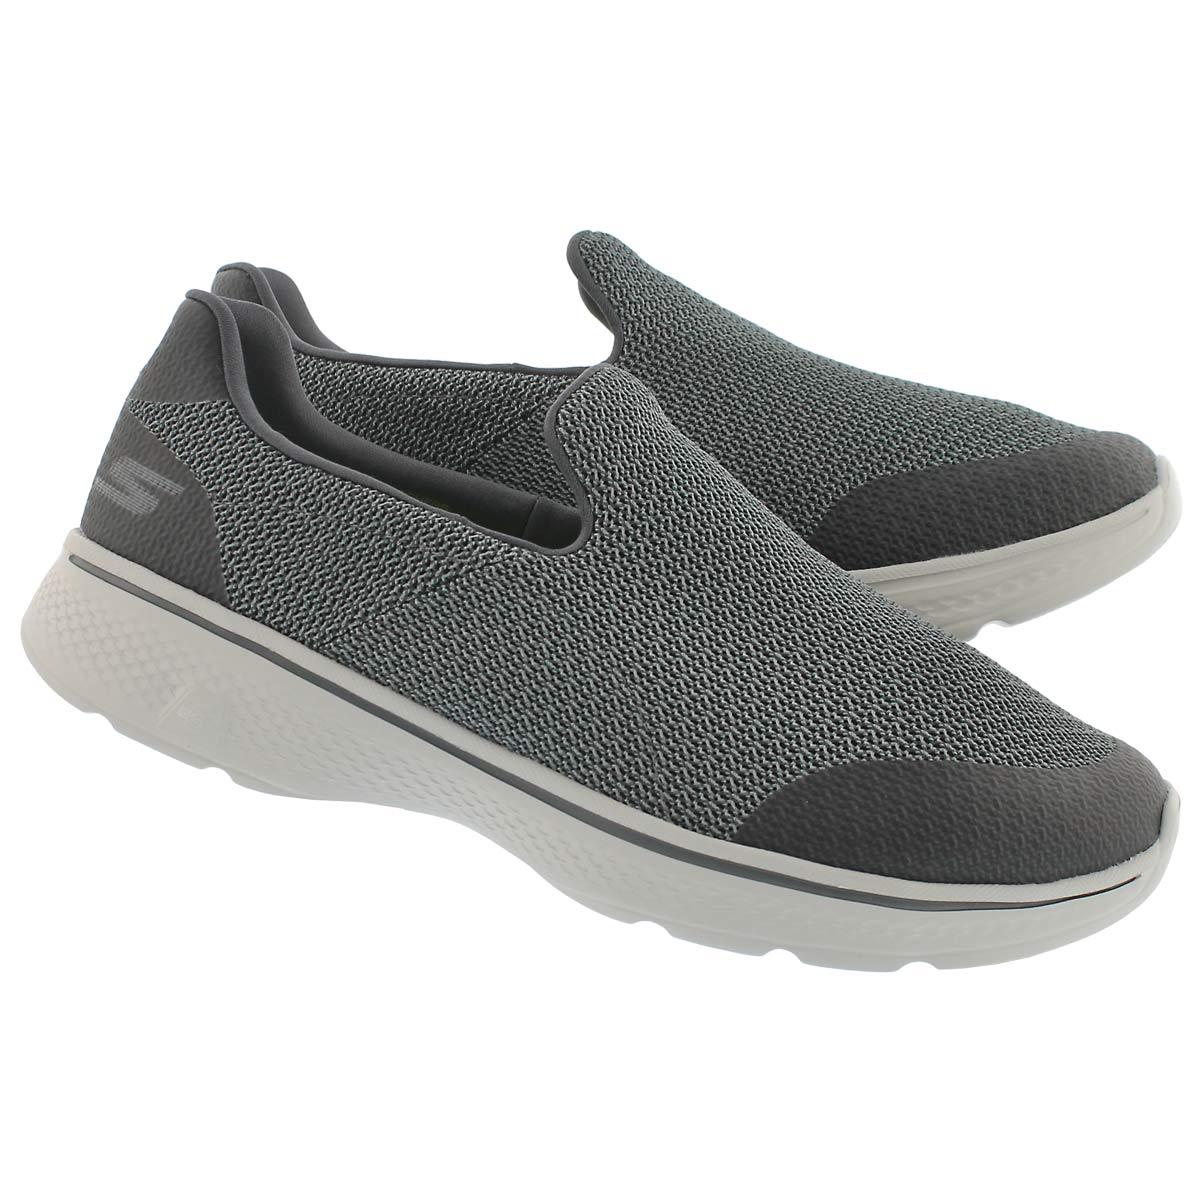 Mns GOwalk 4 Expert char slip on shoe